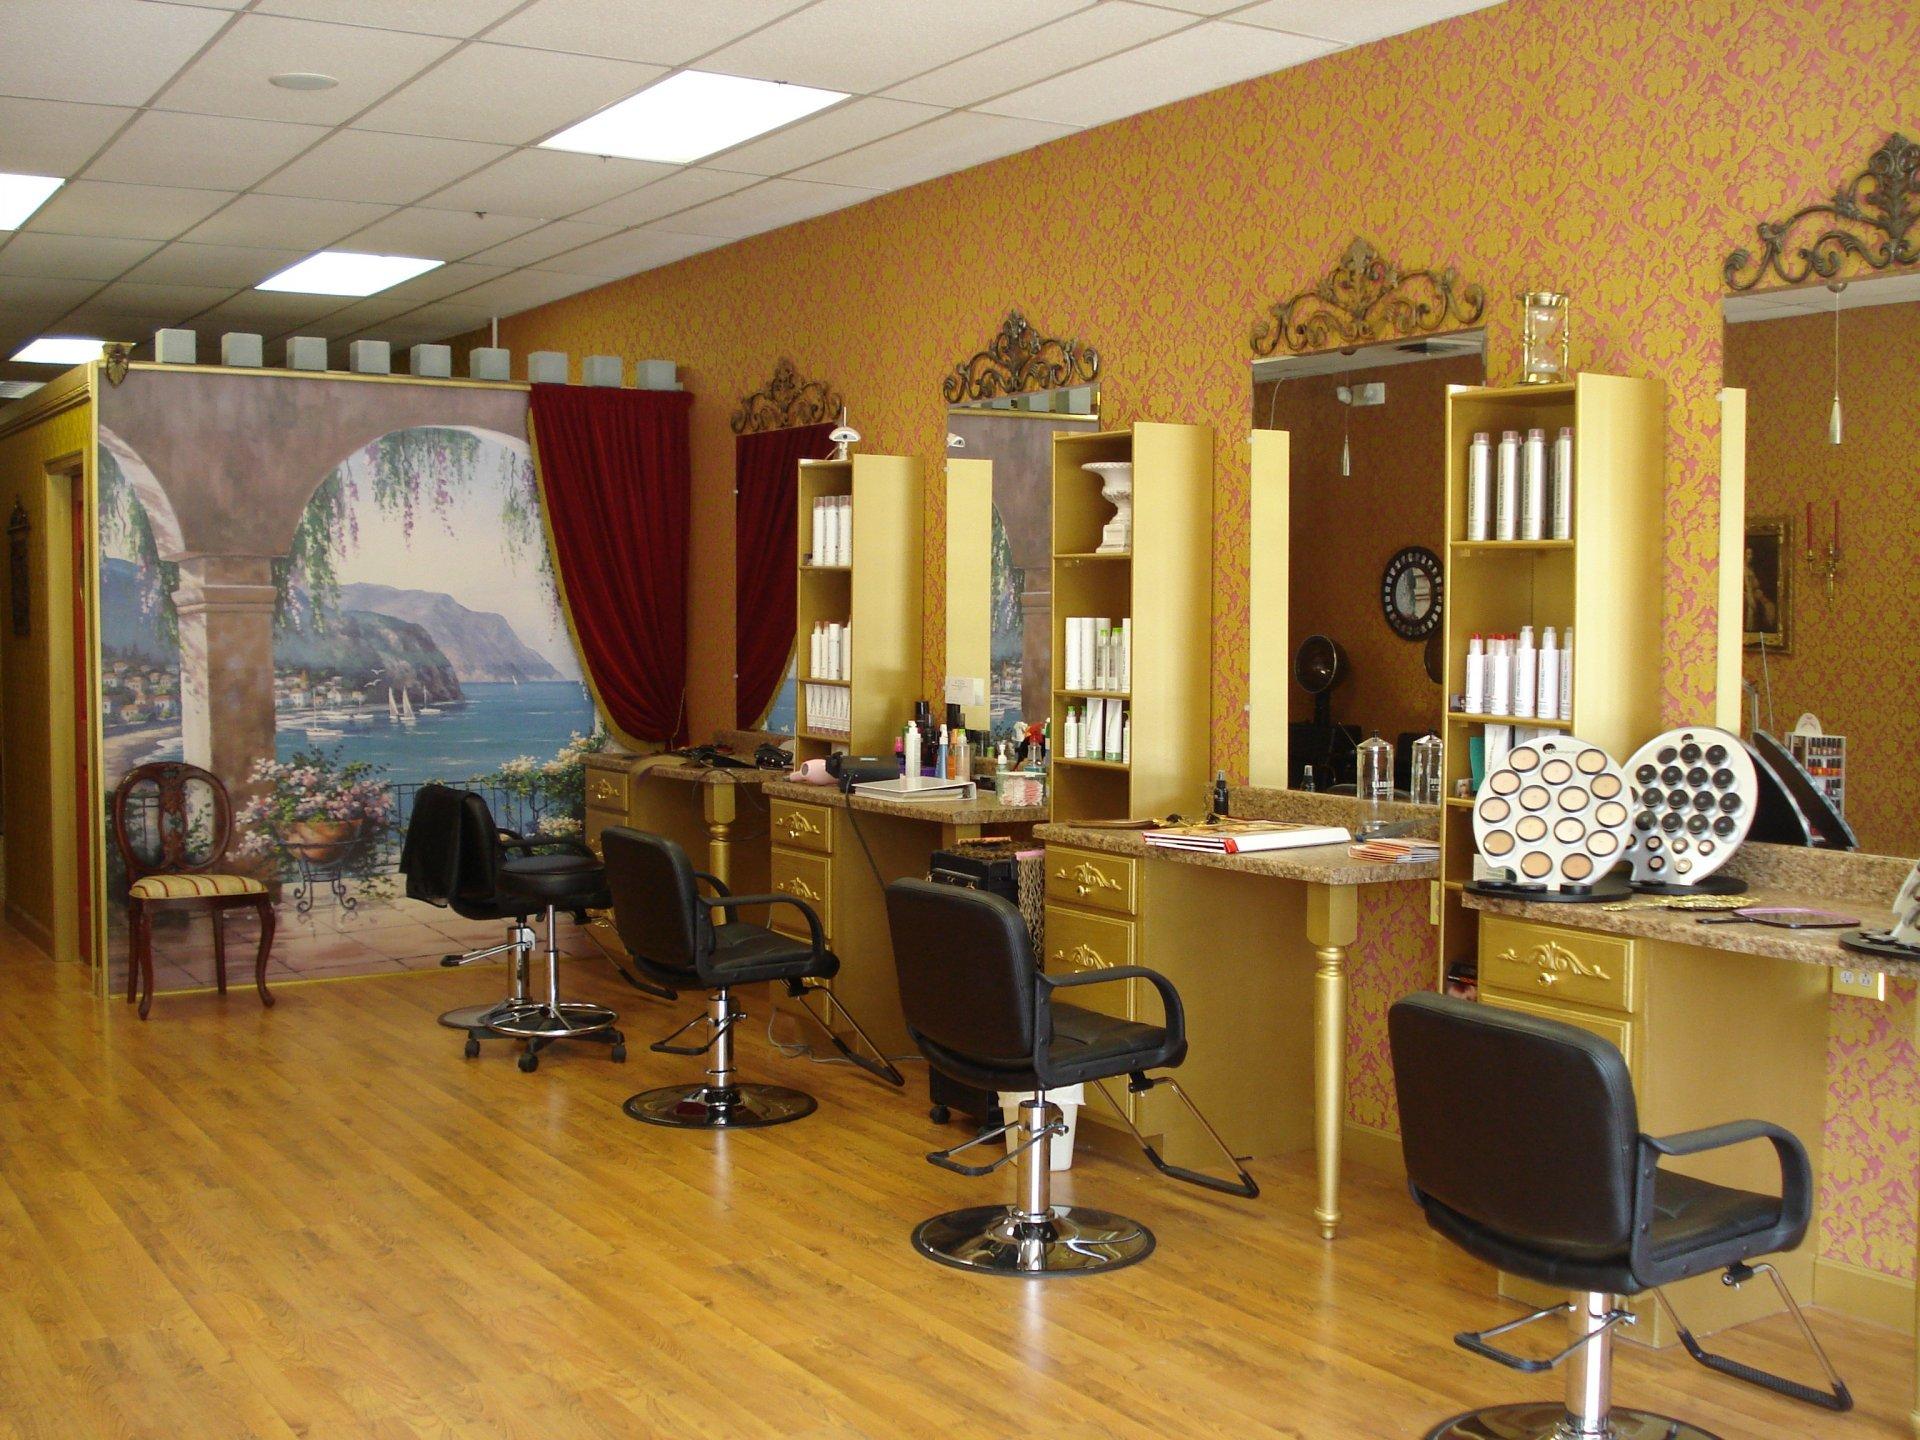 小型理发店吊顶装修效果图片